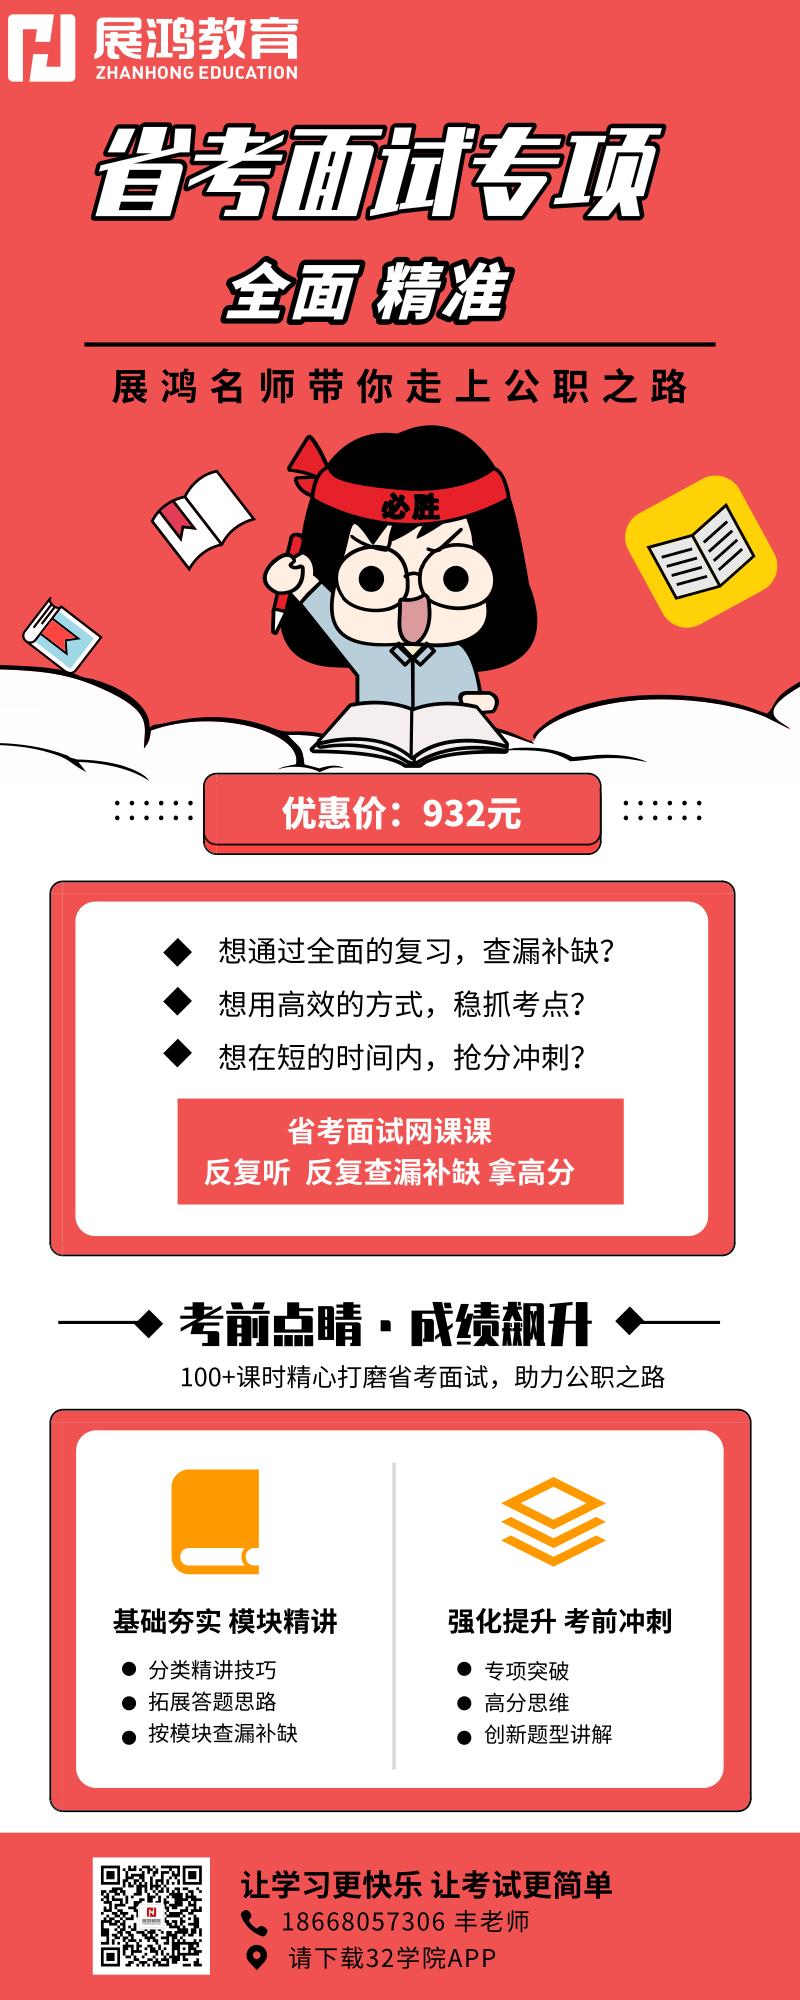 默认标题_营销长图_2019.06.10.png